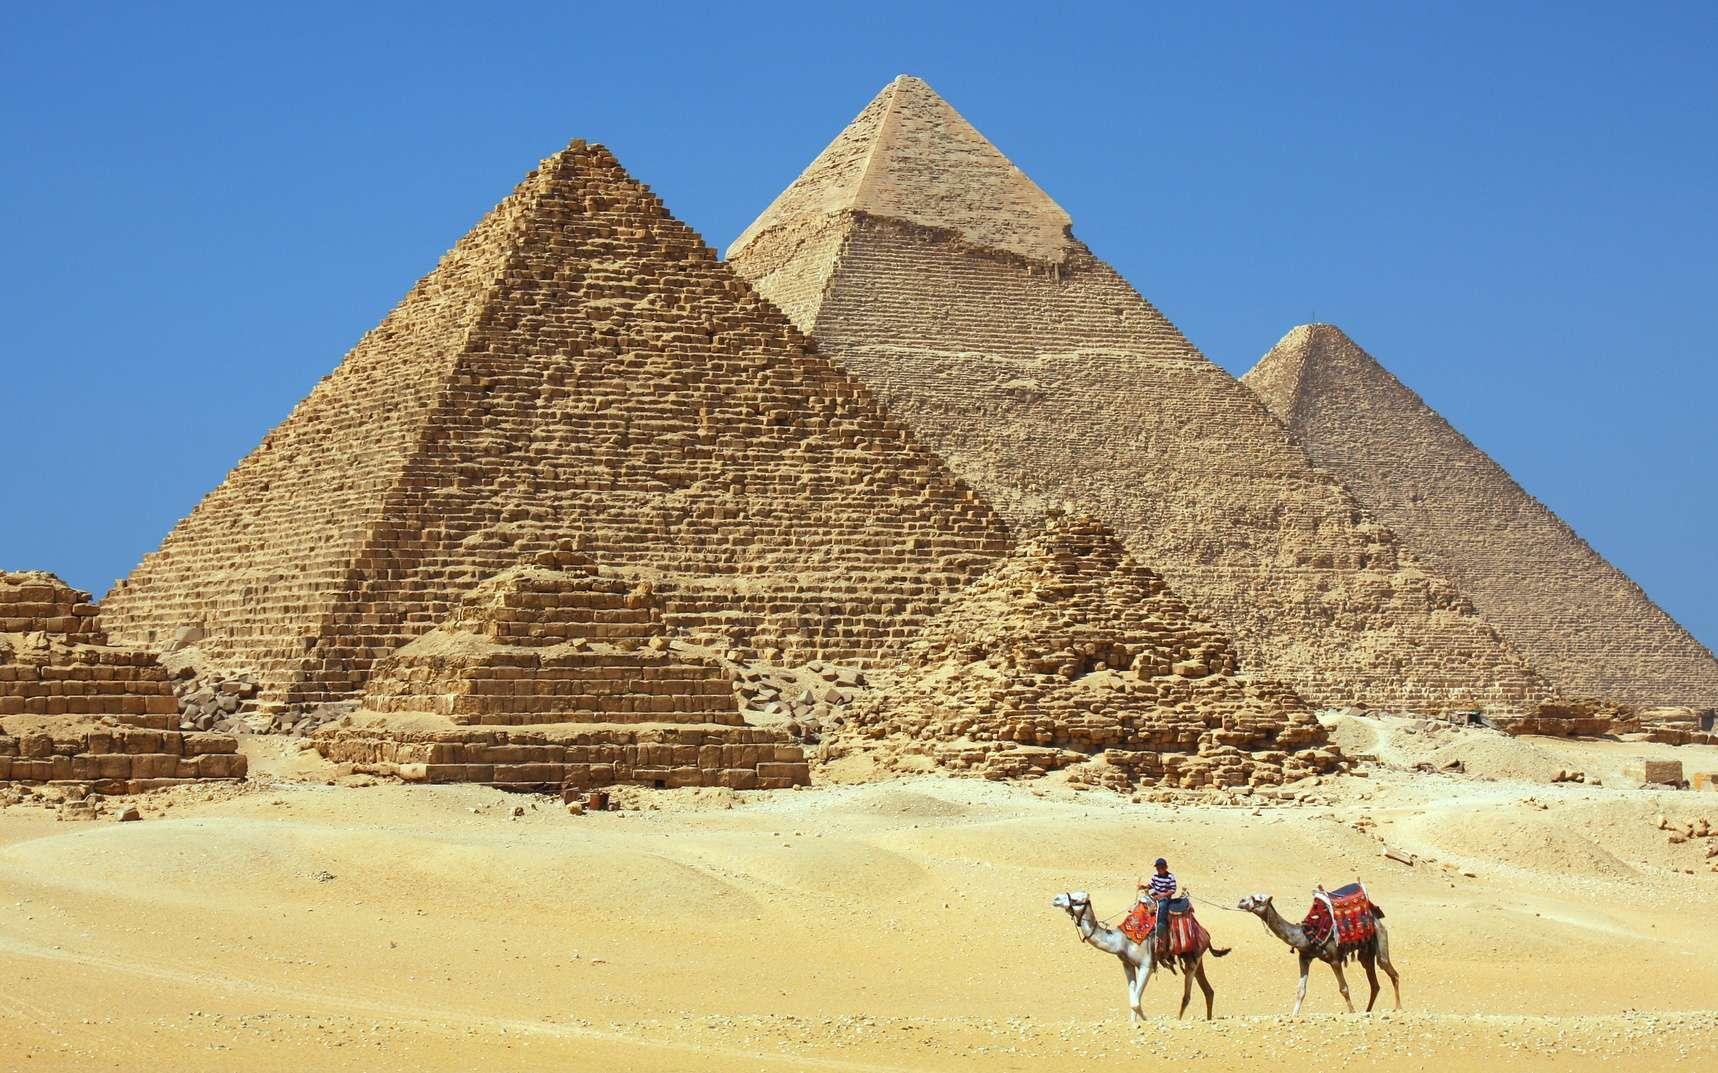 Les pyramides de Gizeh sont parmi les plus grands monuments d'Égypte. © Dan Breckwoldt, fotolia